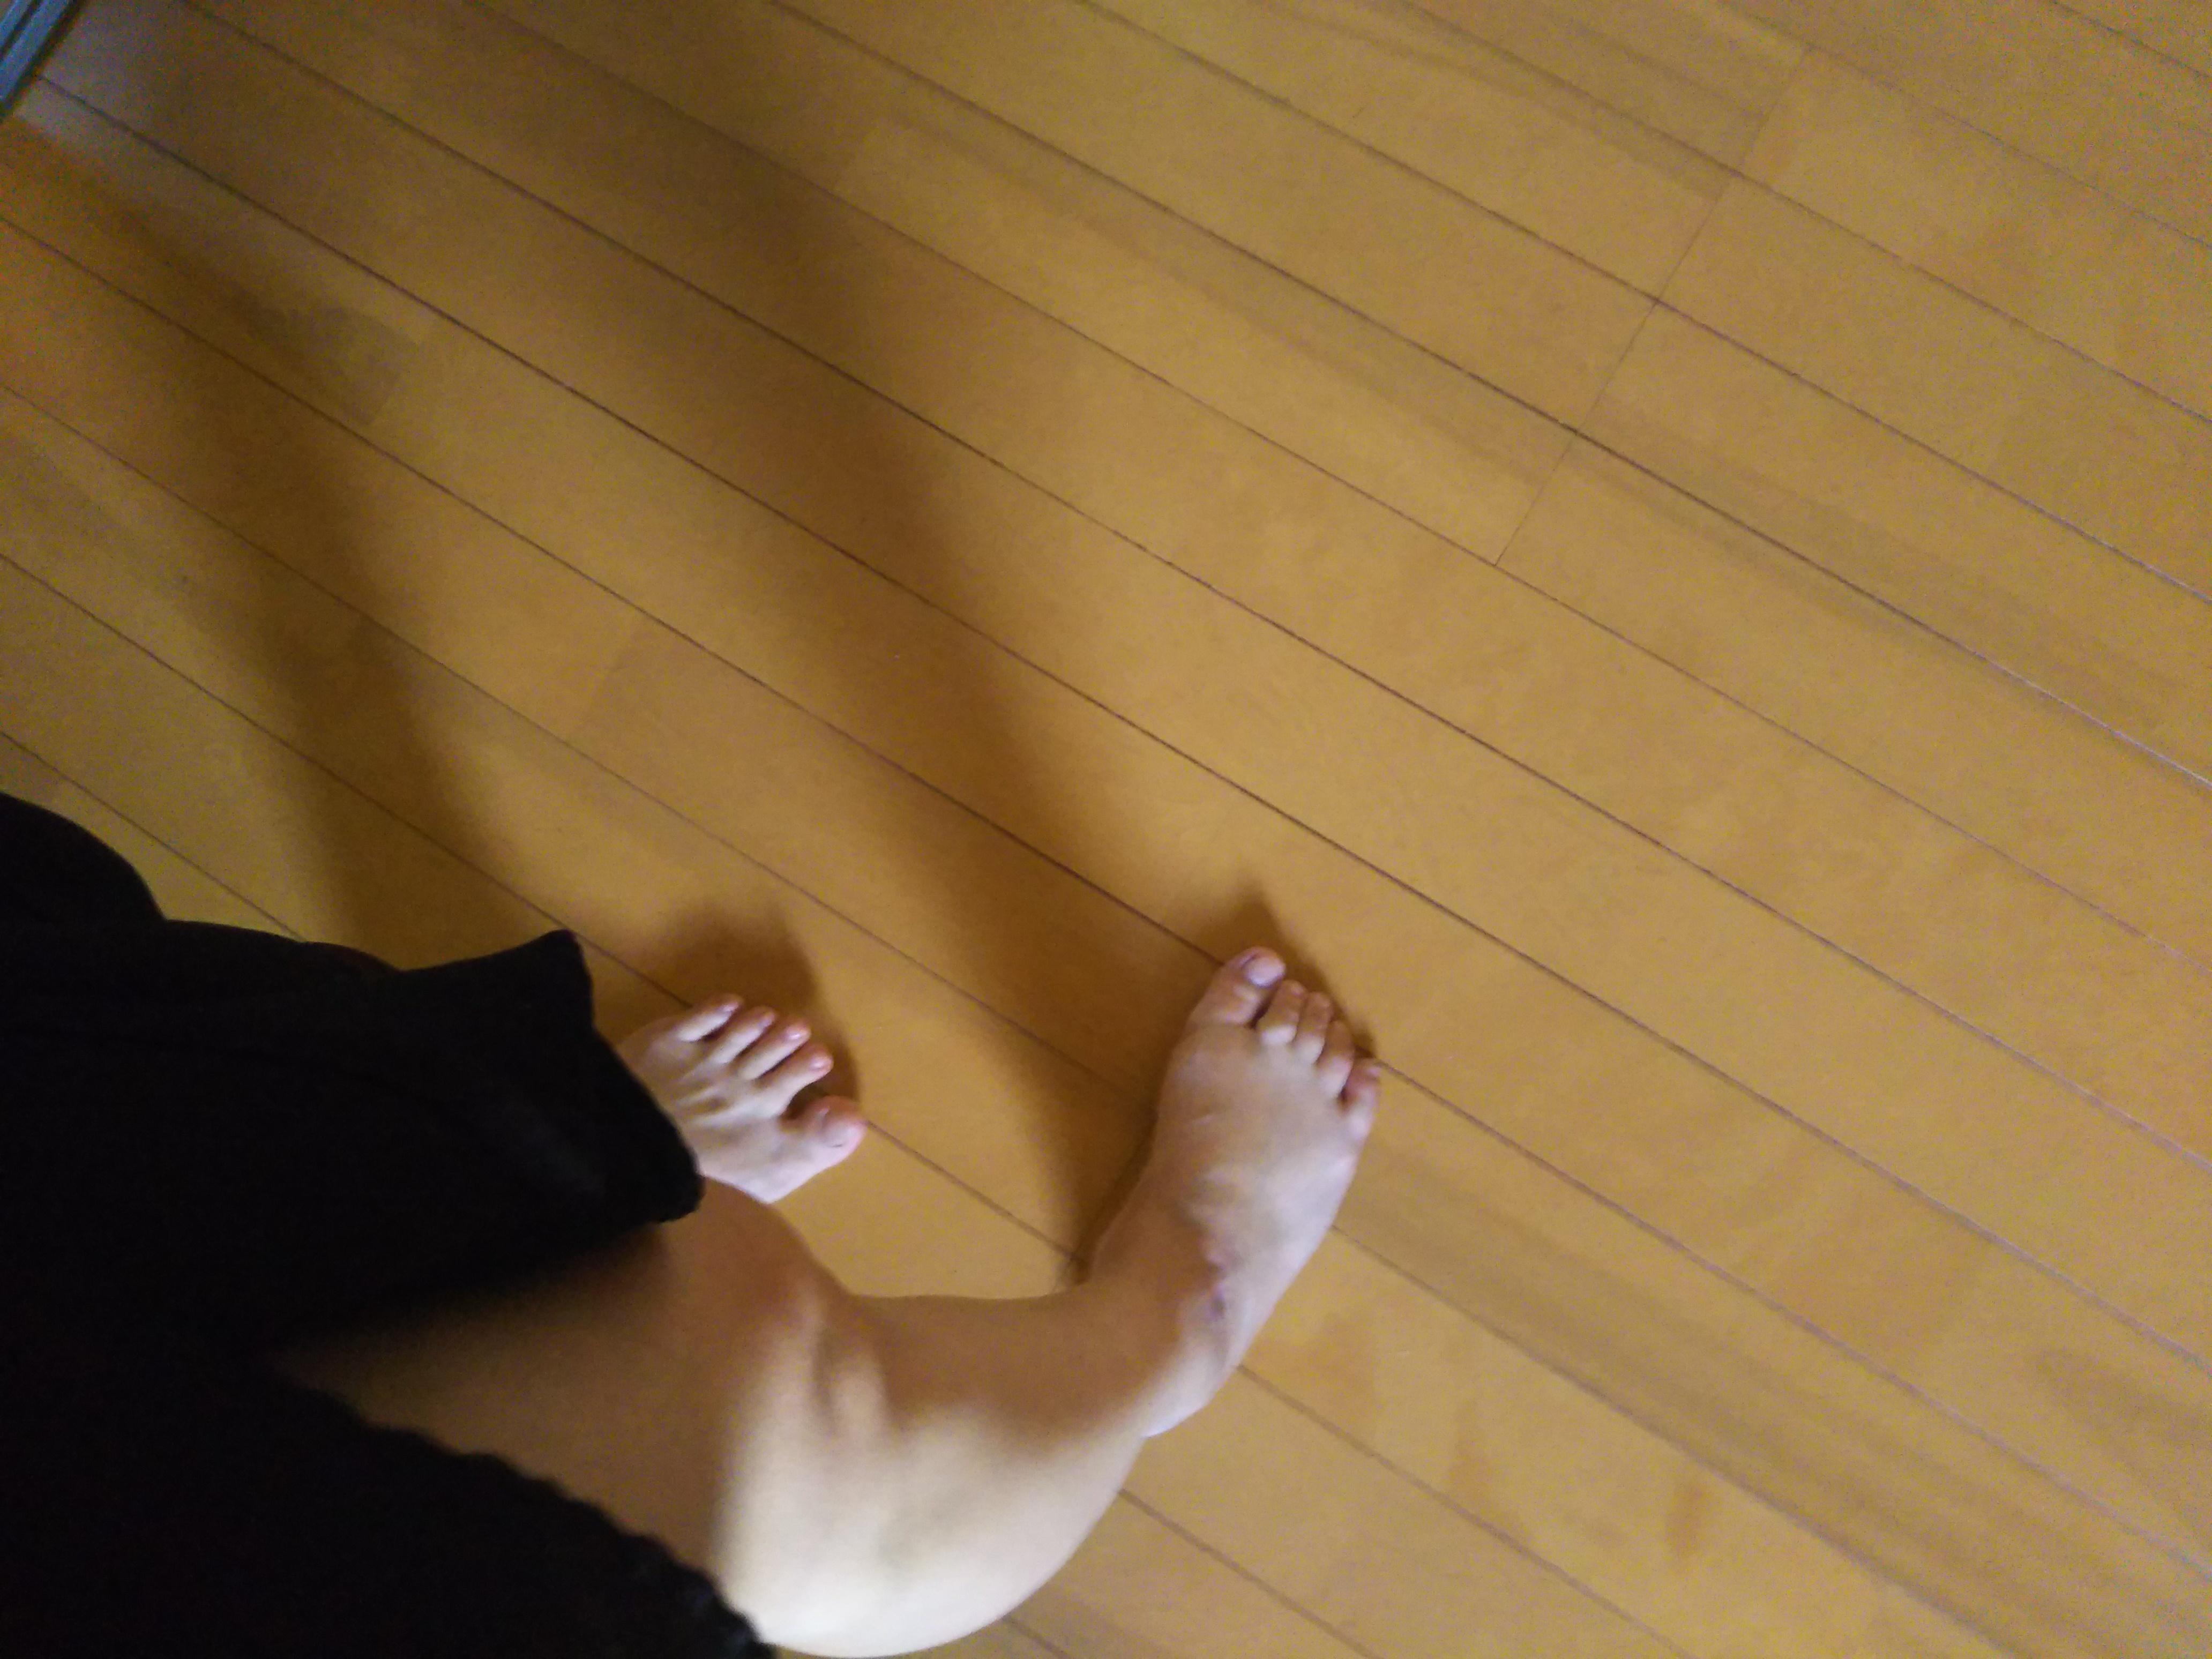 「おはよう御座います(^-^)」07/18日(水) 09:19   しずかの写メ・風俗動画